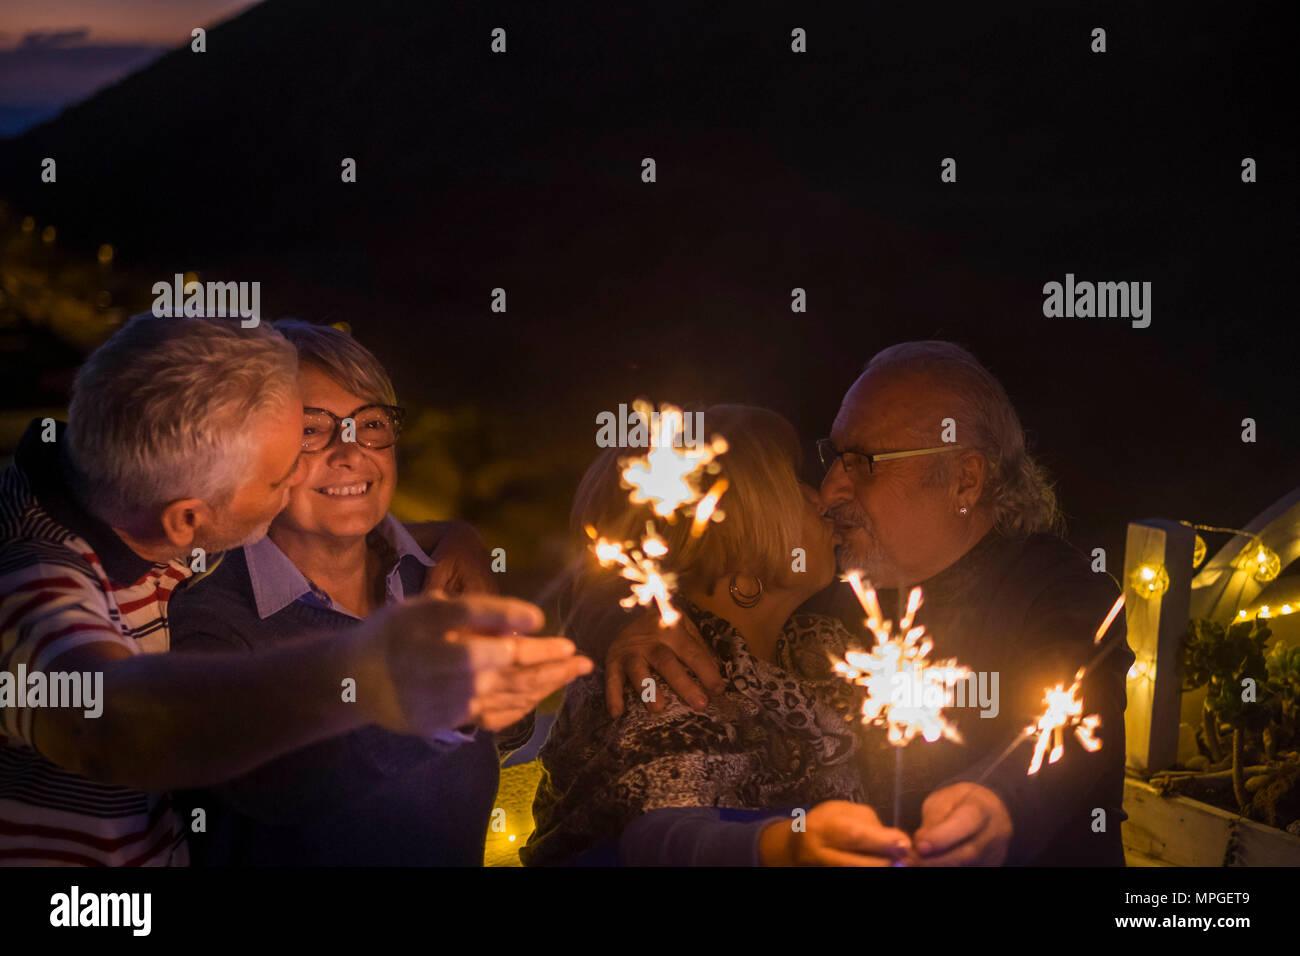 Due giovane kiss e celebrare evento come un compleanno o di capodanno all'aperto con bagliori. la felicità e la speranza per il futuro concetto. senior lifestyle r Immagini Stock